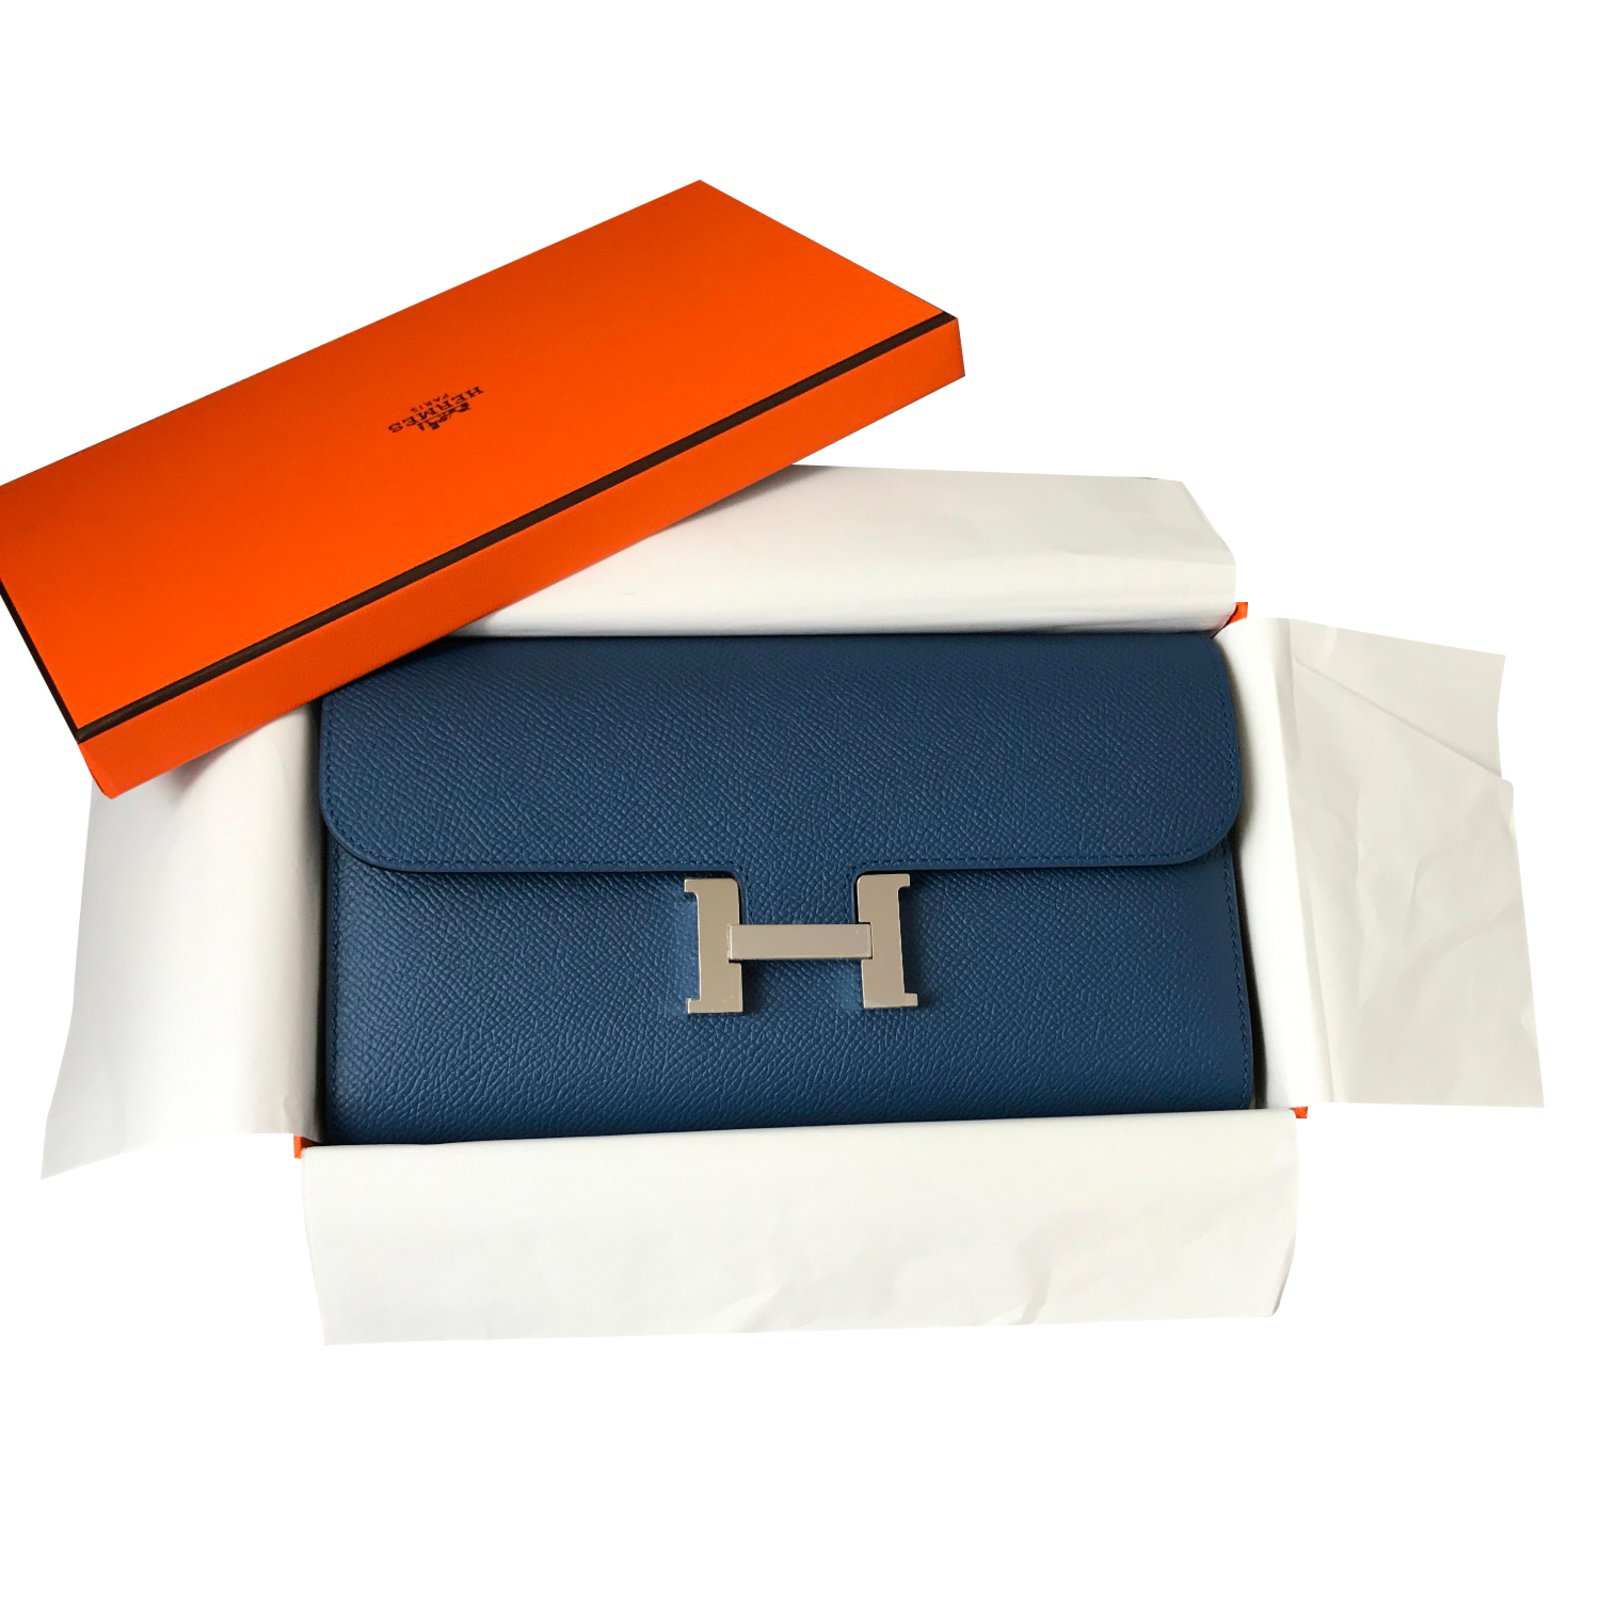 ea76c0b710f9 Portefeuilles Hermès Portefeuille Constance Cuir Bleu ref.39403 ...